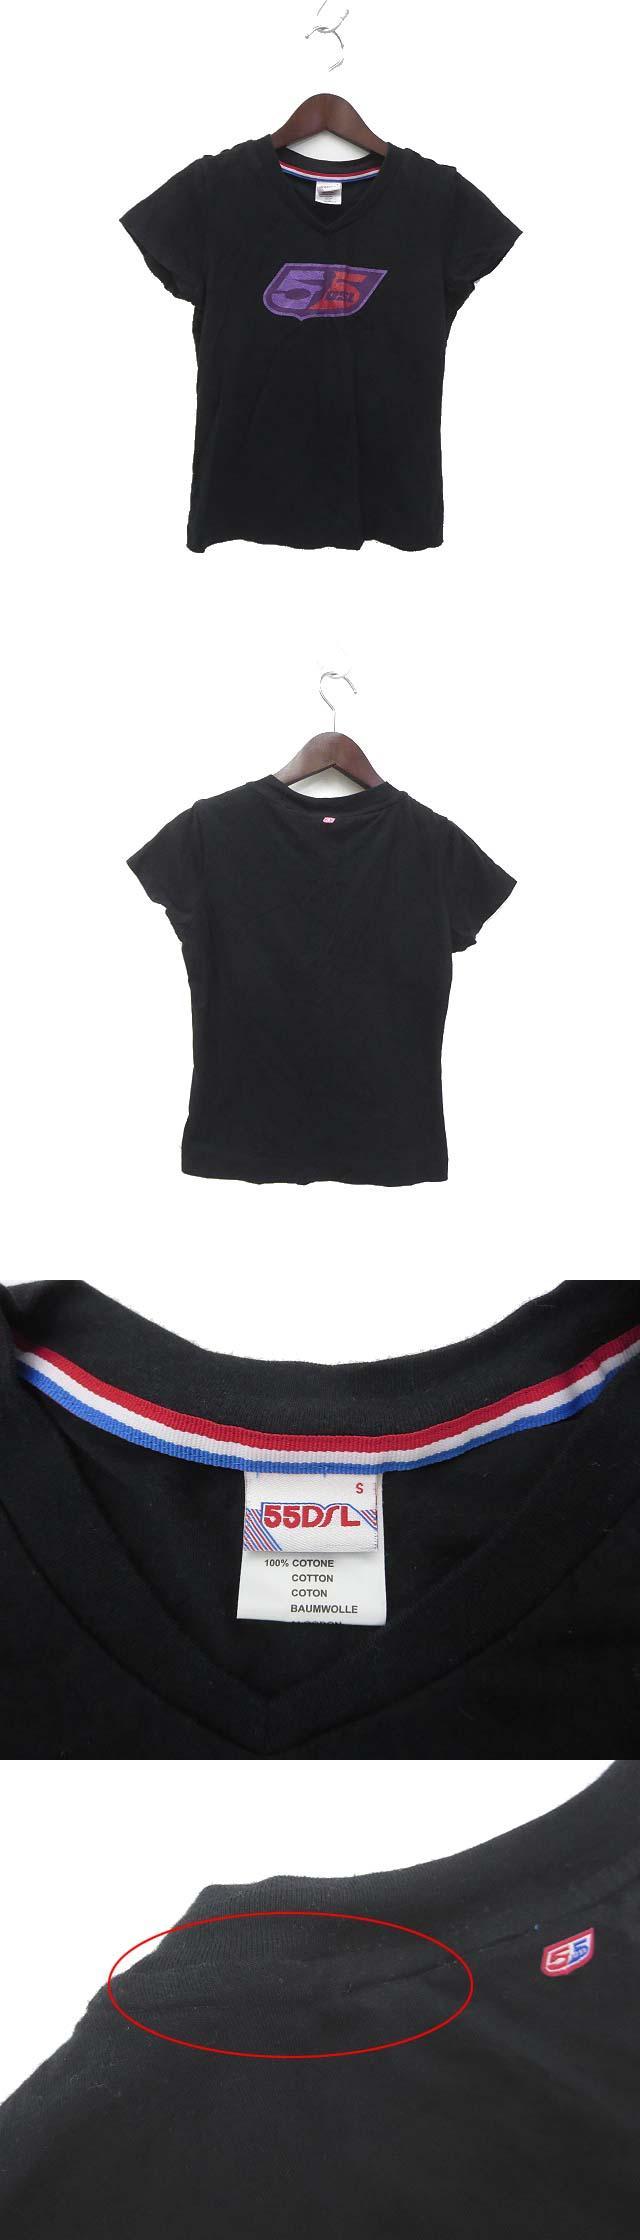 55DSL フィフティーファイブディーエスエル ラメ ロゴ プリント 半袖 Tシャツ カットソー S ブラック